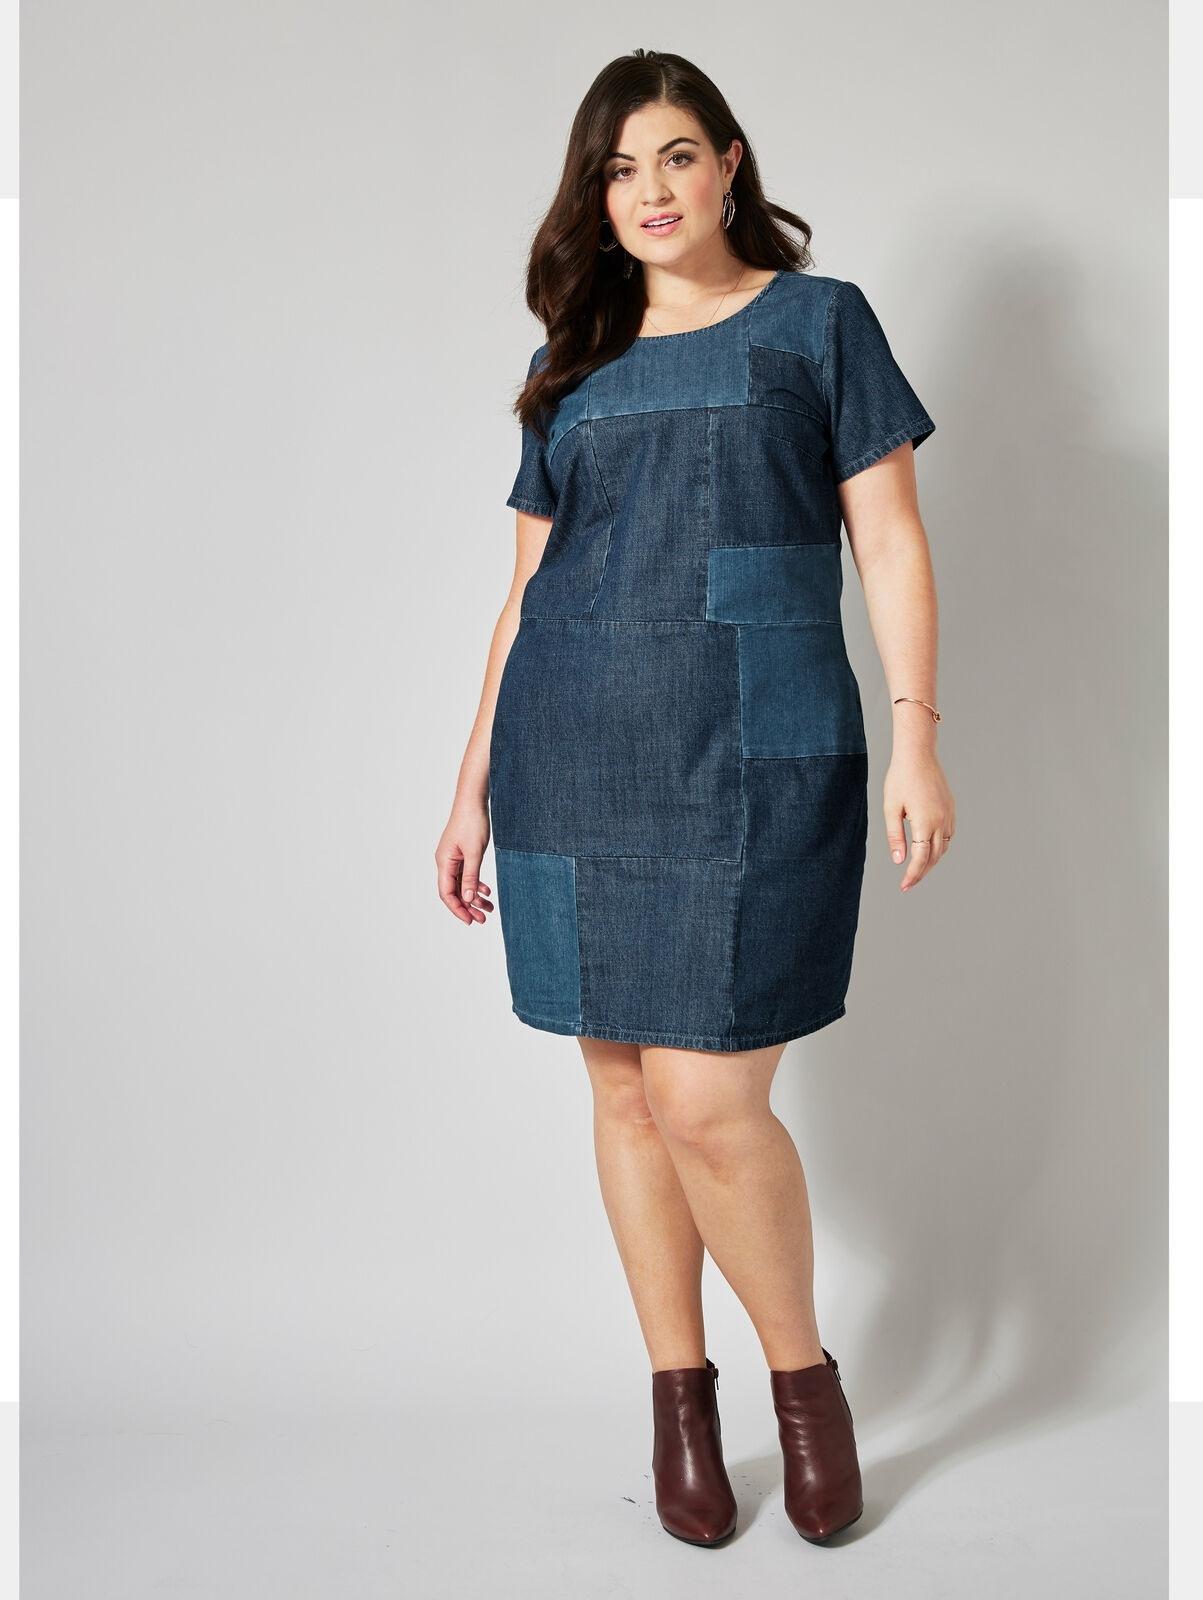 17 Wunderbar Kleid 48 für 201917 Luxus Kleid 48 Spezialgebiet